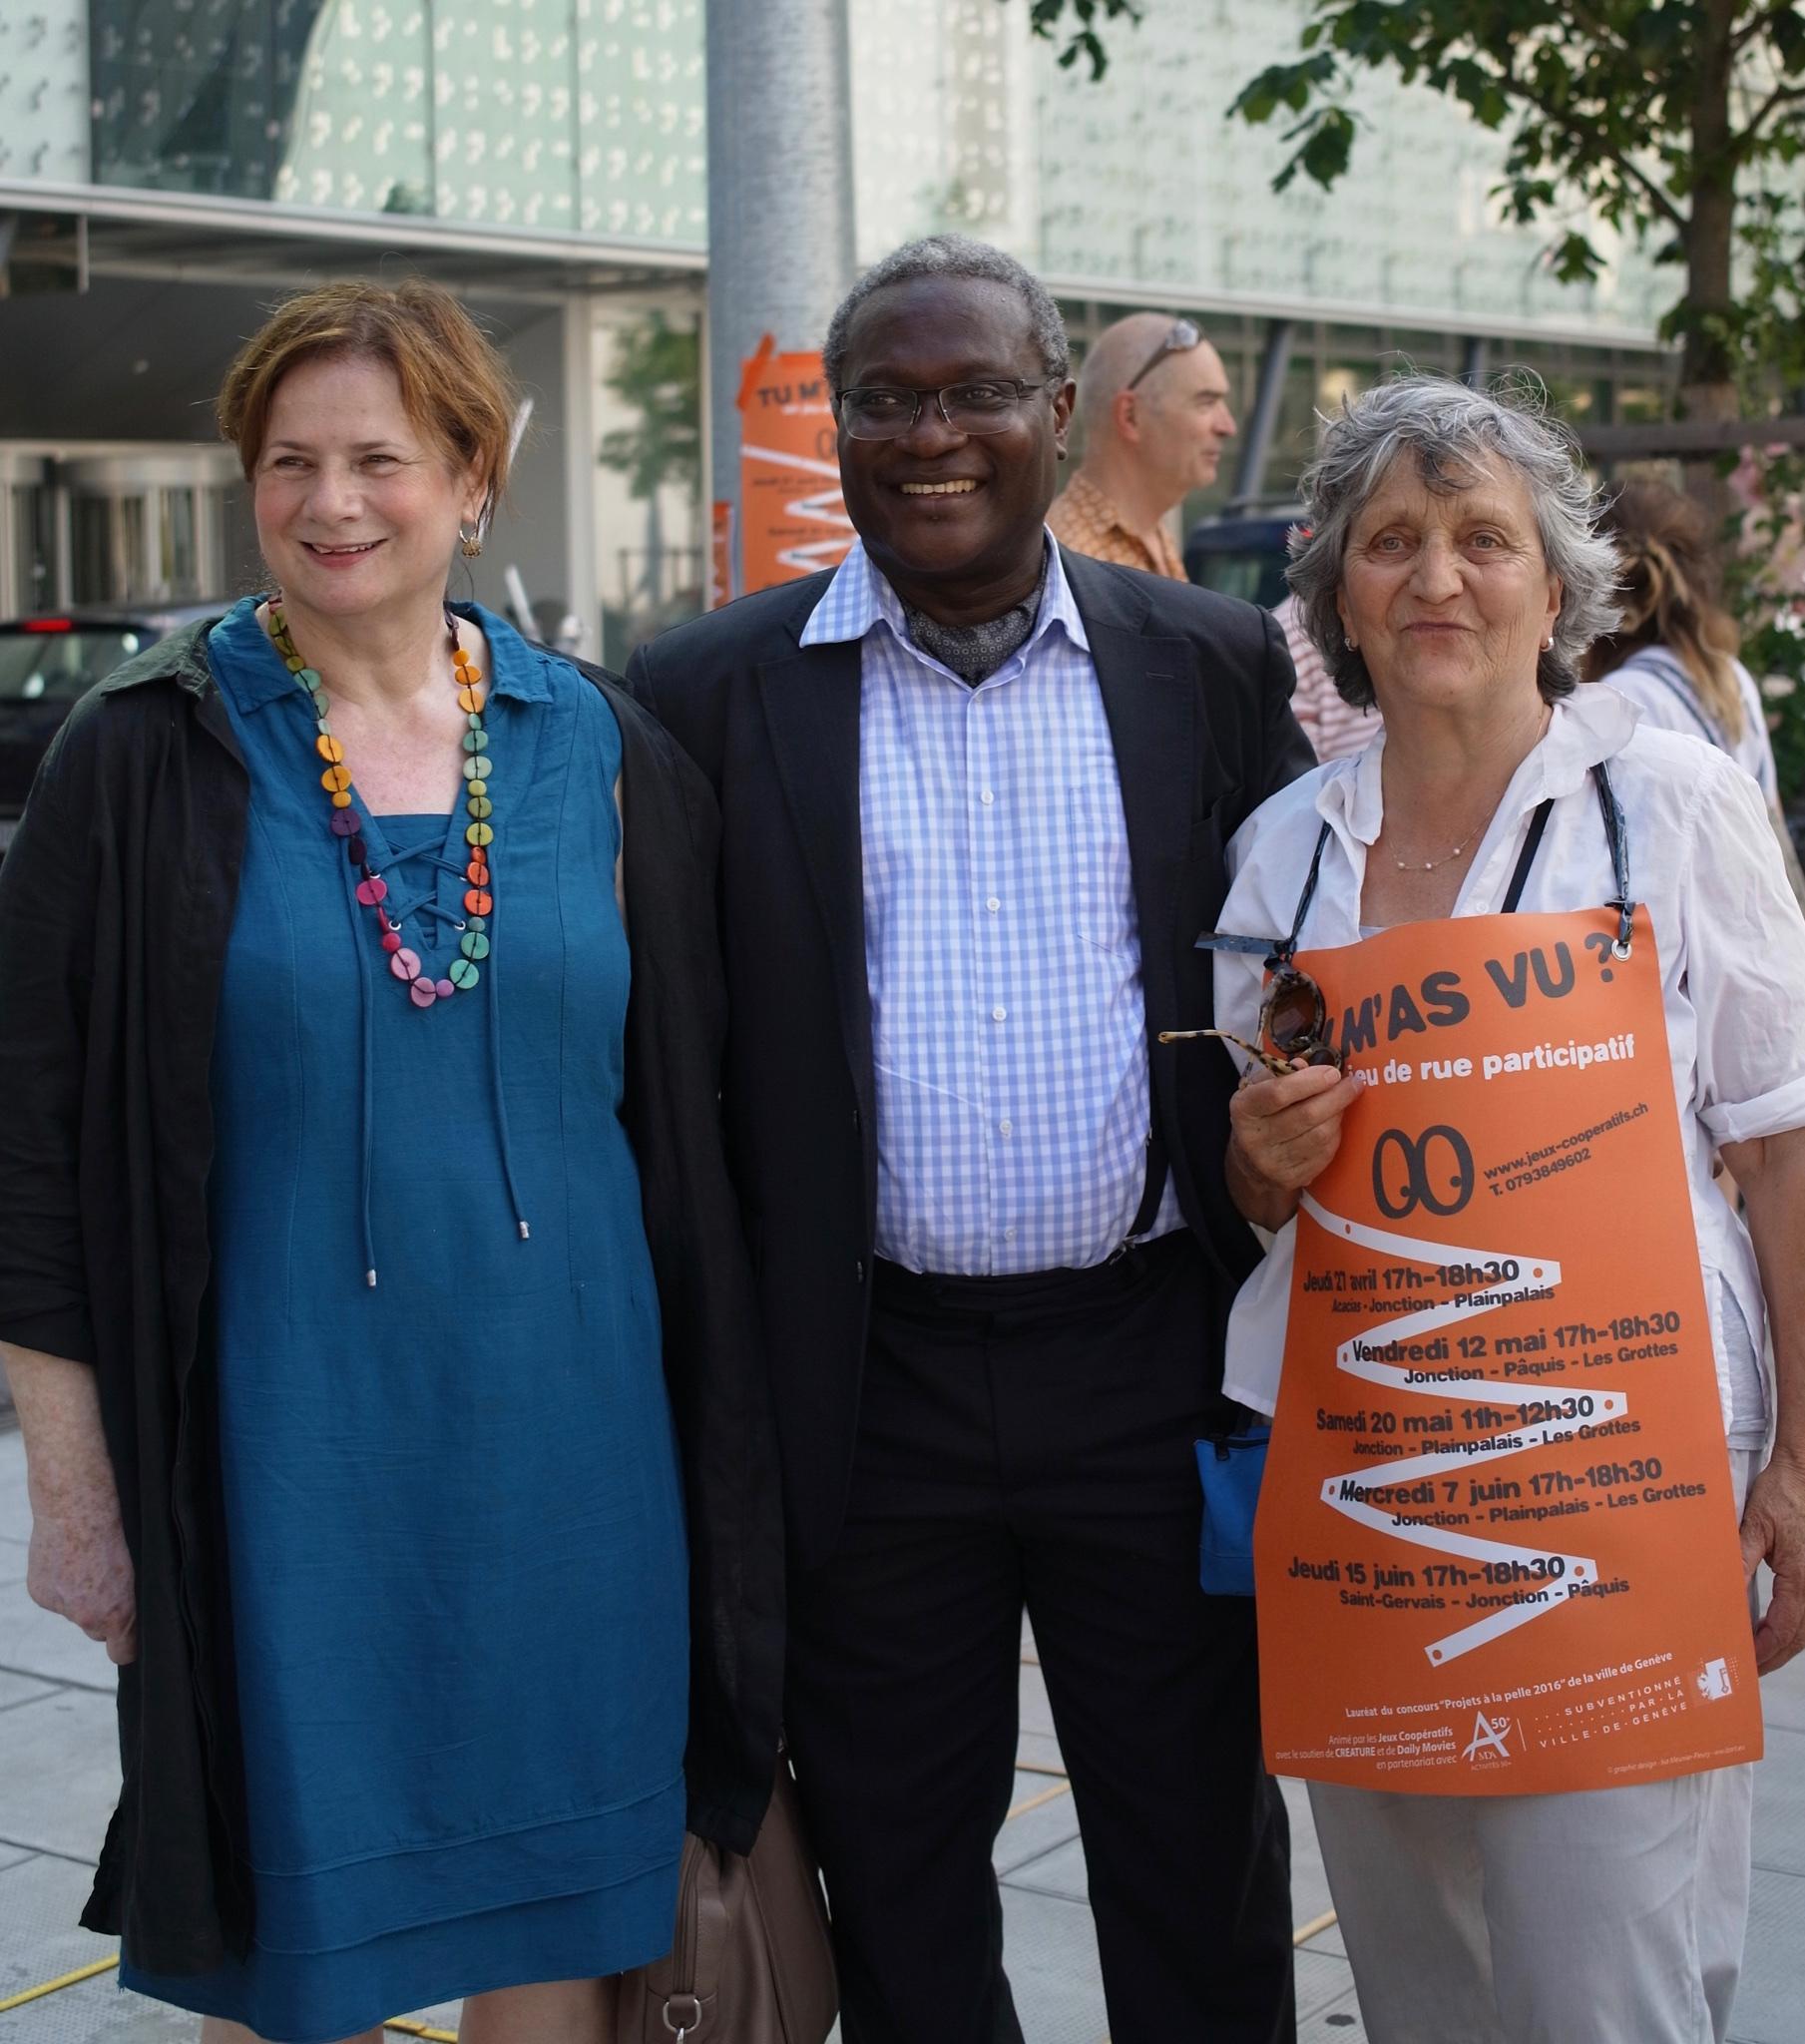 Esther Alder : conseillère administrative ville de Genève, Laurent Jimaja : maire du Grand-Saconnex sont venus relever le défi coopératif «Tu m'as vu?». Catherine Froidevaux (à droite) conceptrice du projet est à leur côté